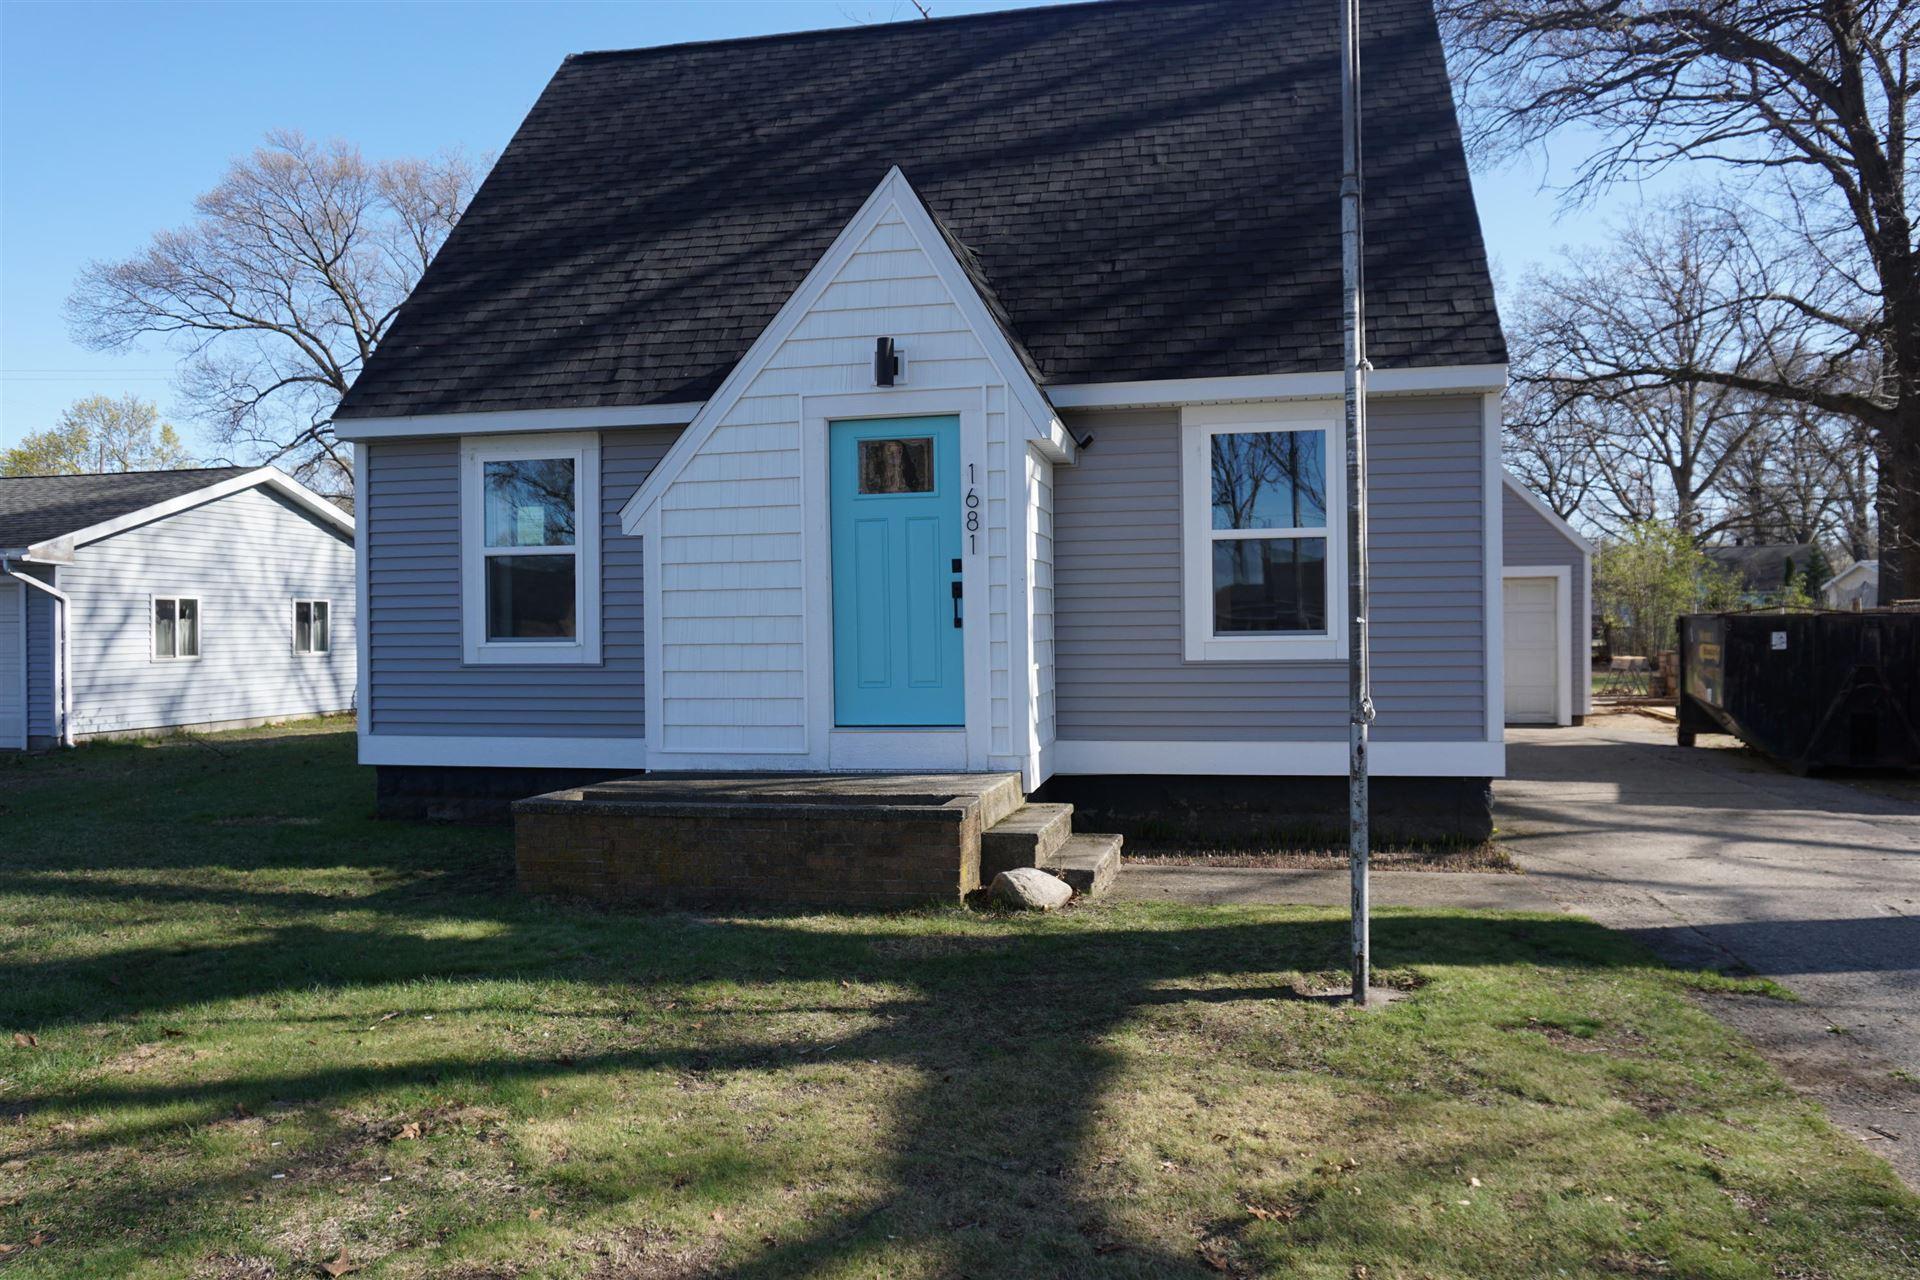 Photo of 1681 E Isabella Avenue, Muskegon, MI 49442 (MLS # 21012994)